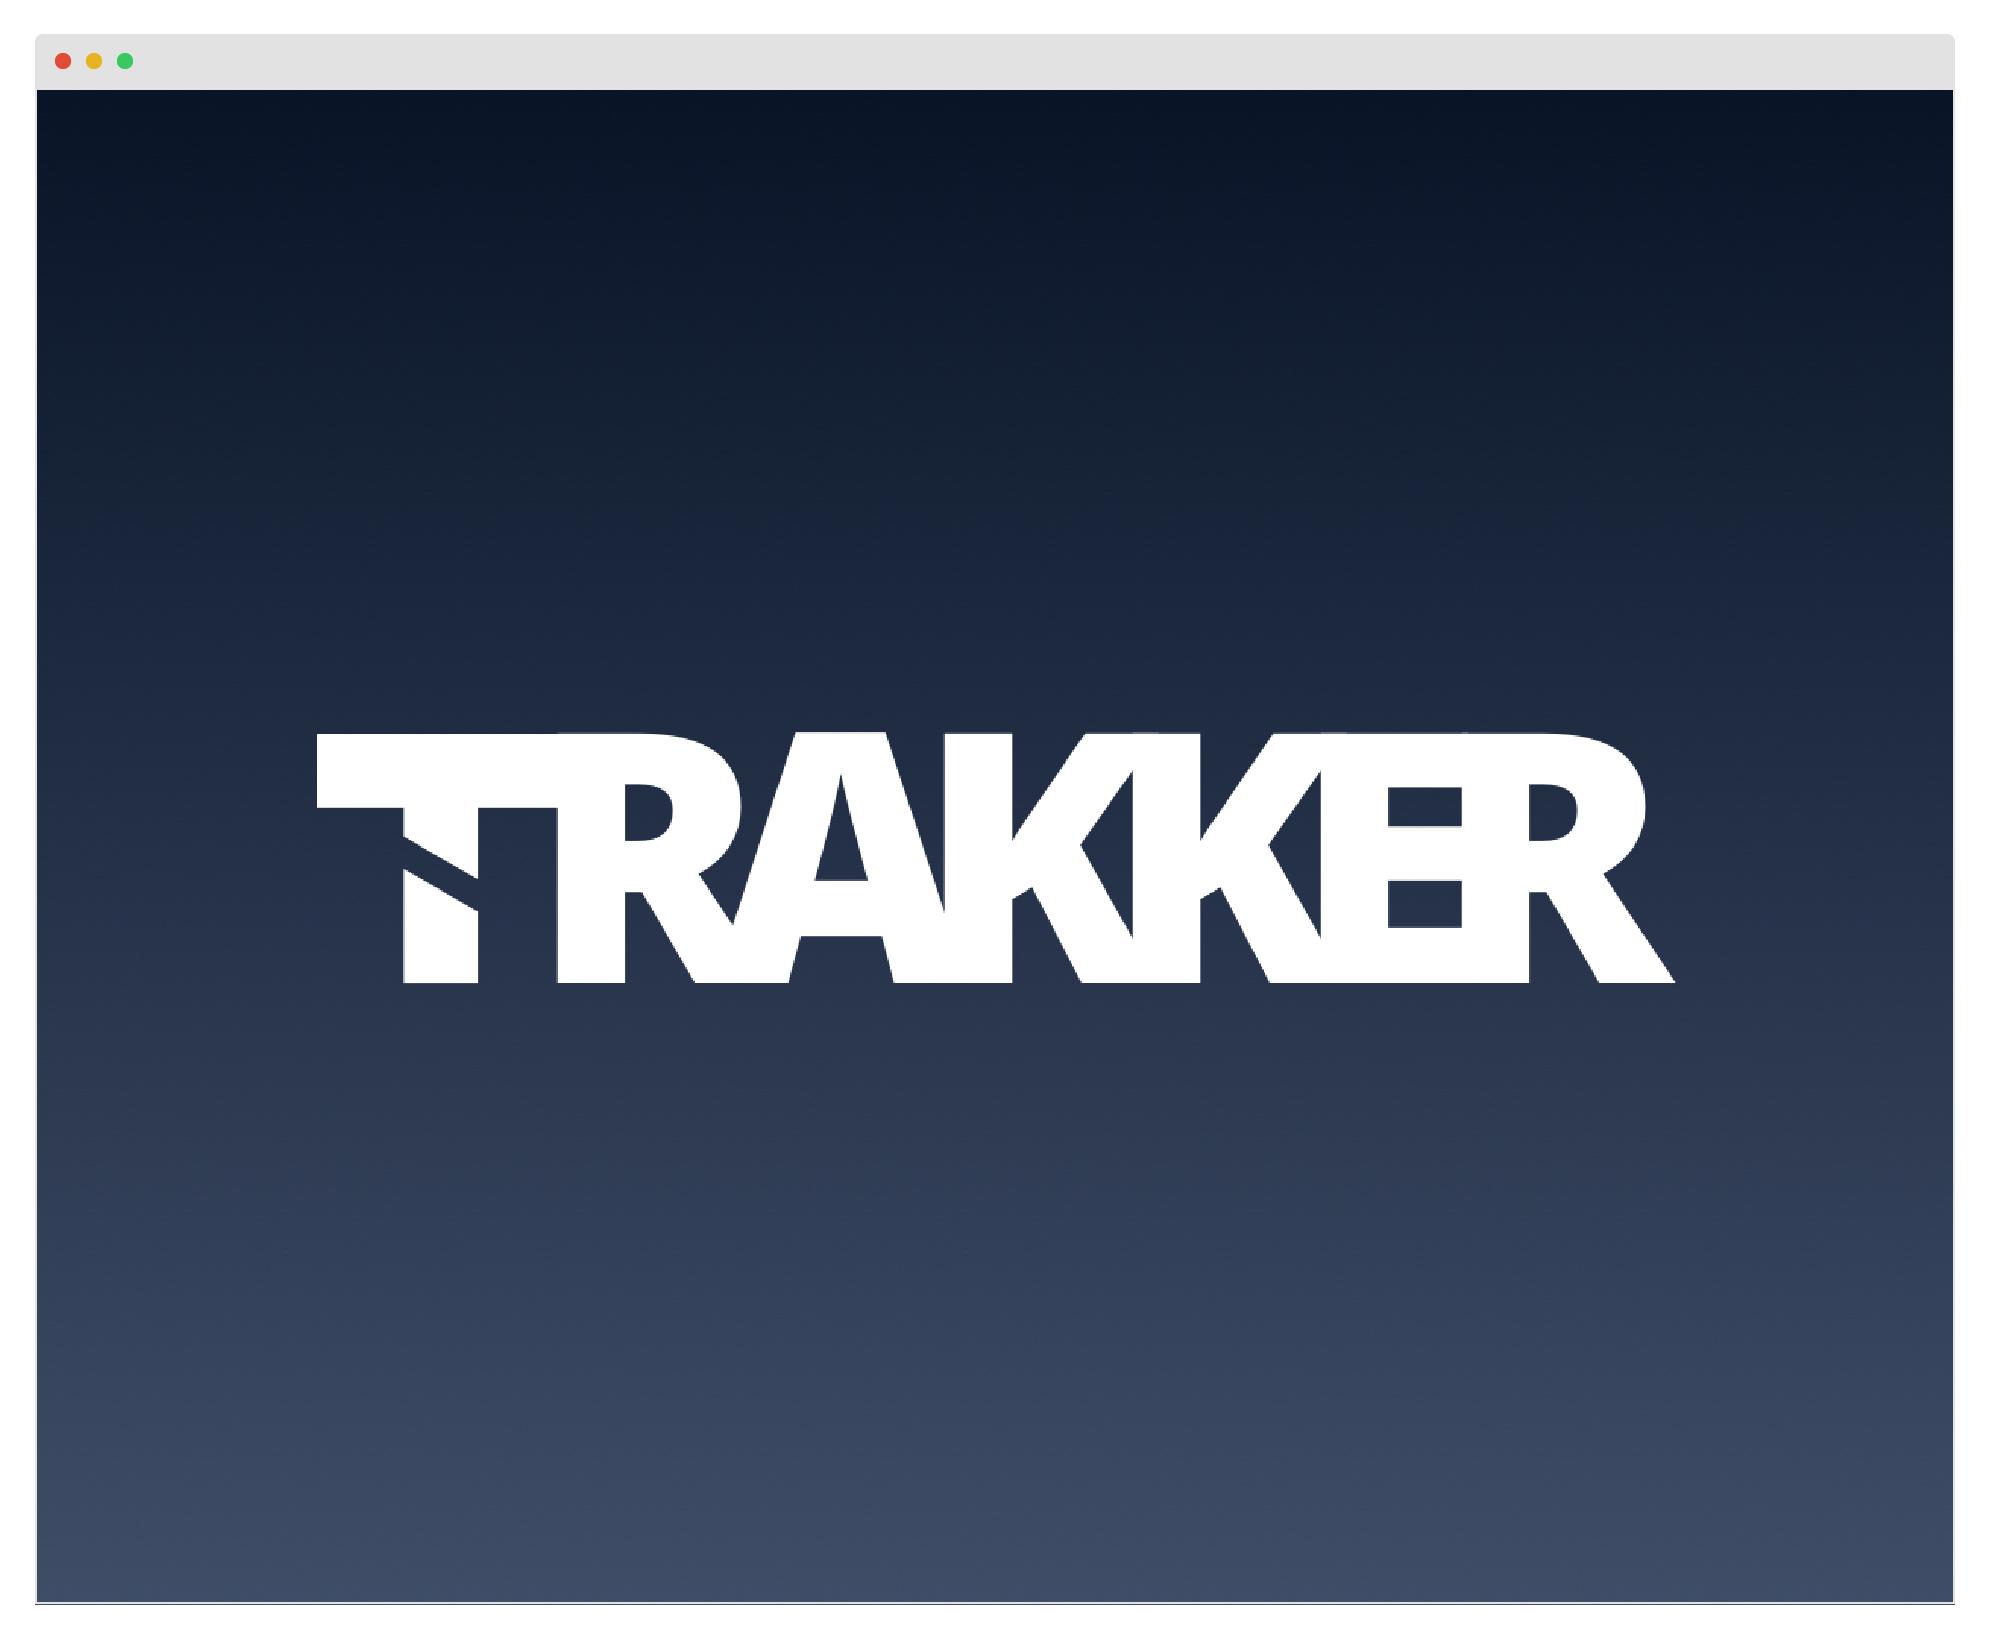 trakker-logo.jpg